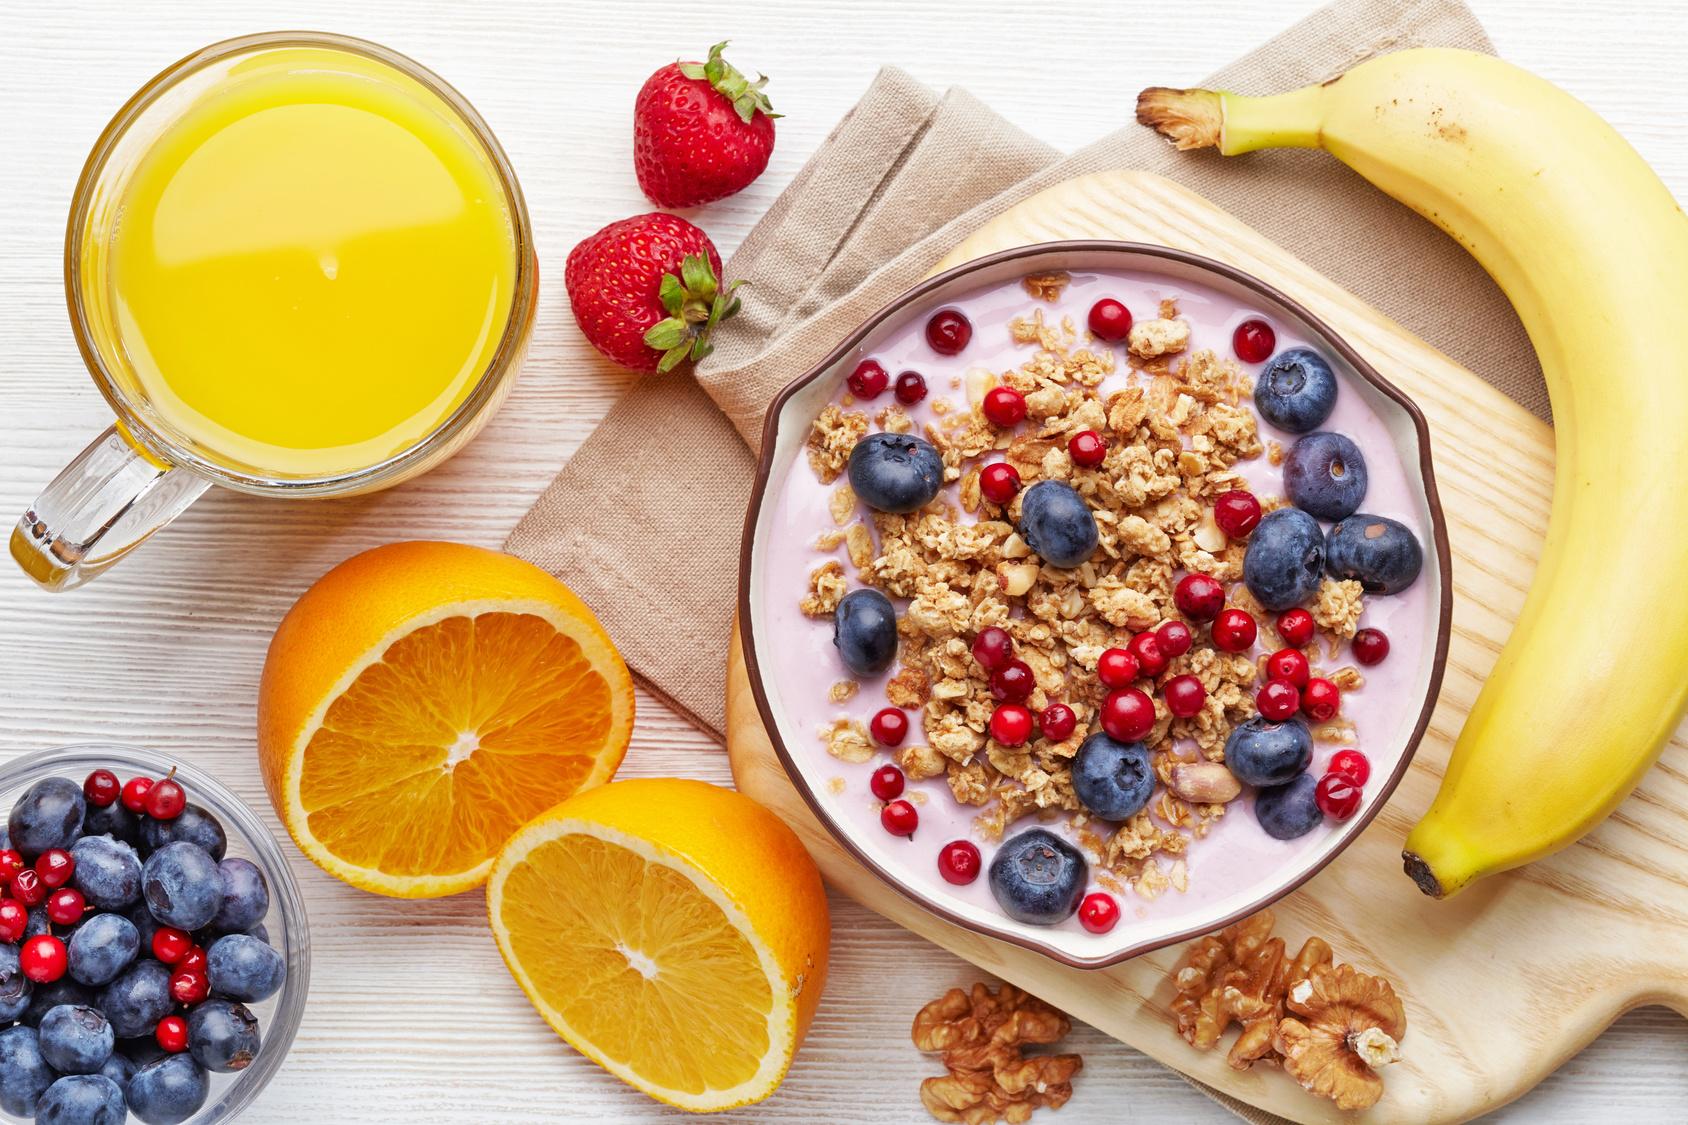 للحصول على وجبة صحية ومتوازنة تناولي هذه الأطعمة في الإفطار